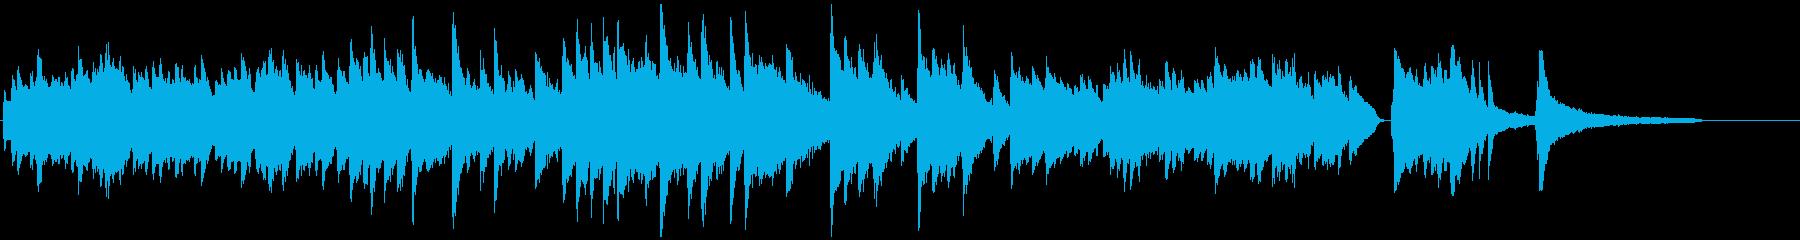 ピアノ・ヒーリング系動画の綺麗なBGMの再生済みの波形